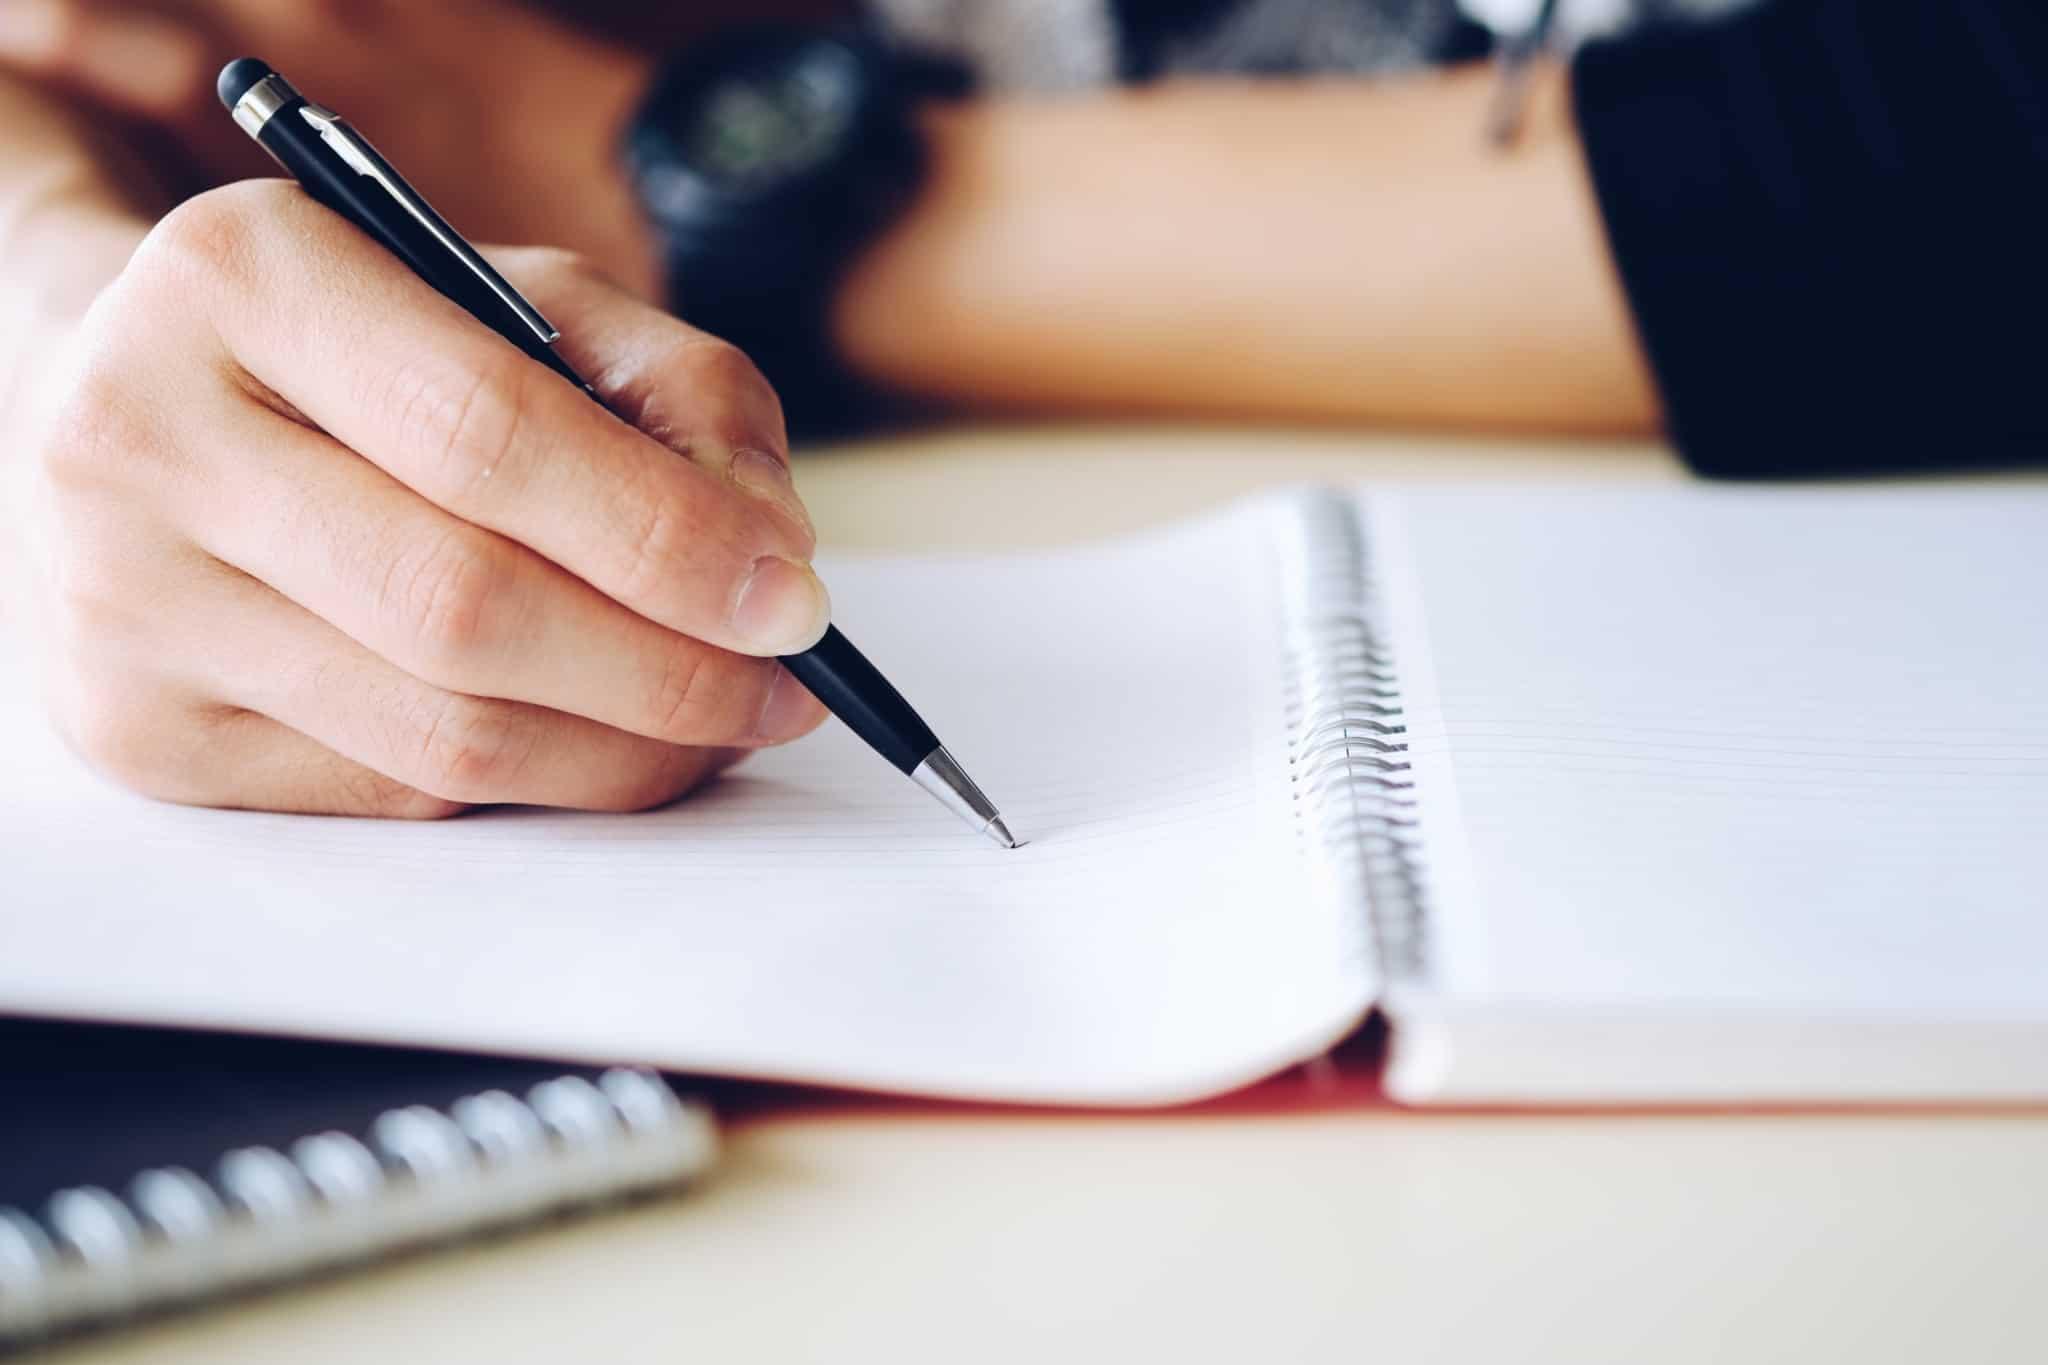 escrever com uma caneta num caderno de argolas